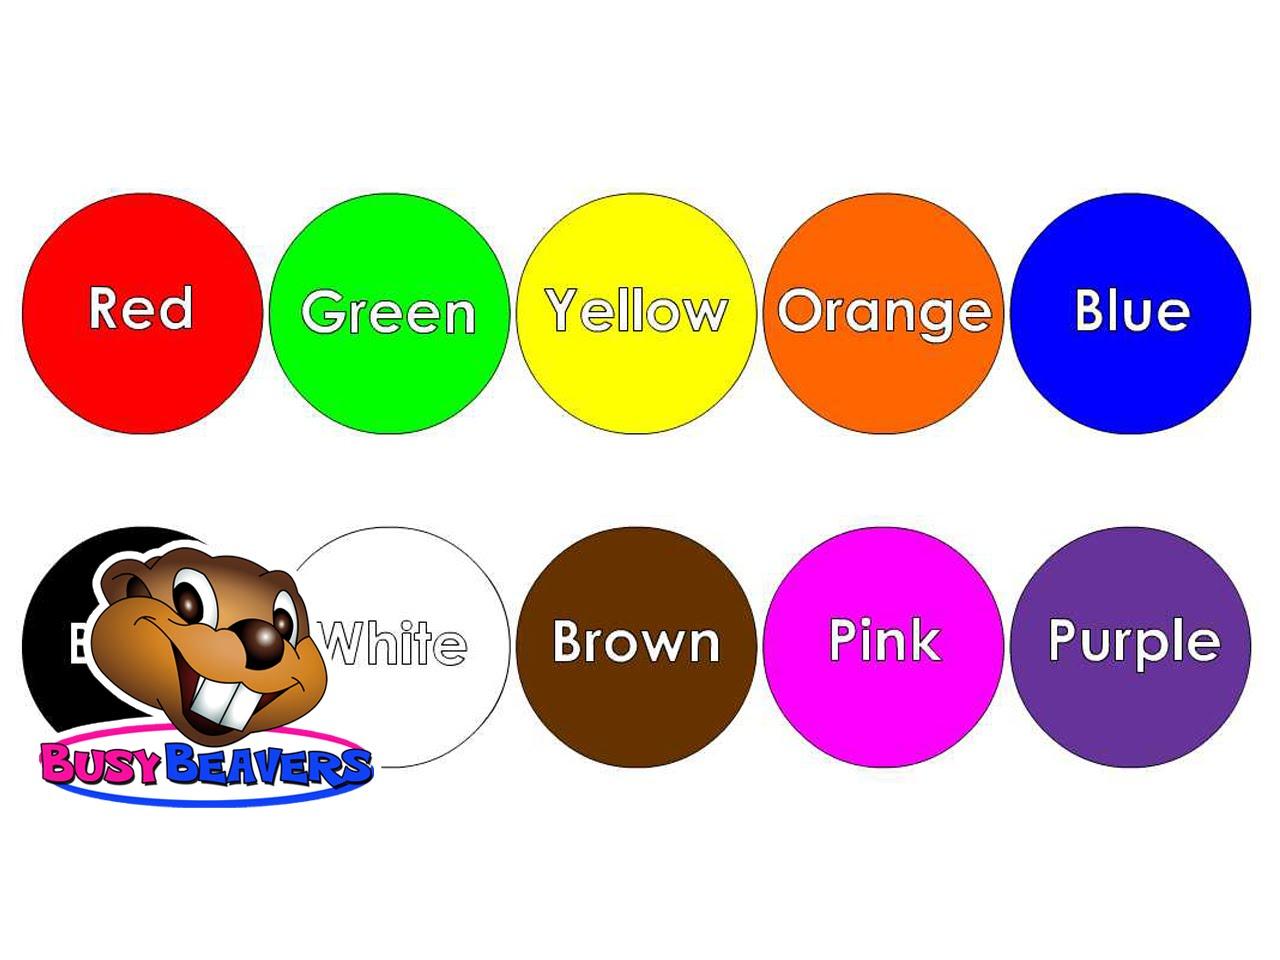 Recursos Digitales Educativos Aprender Los Colores